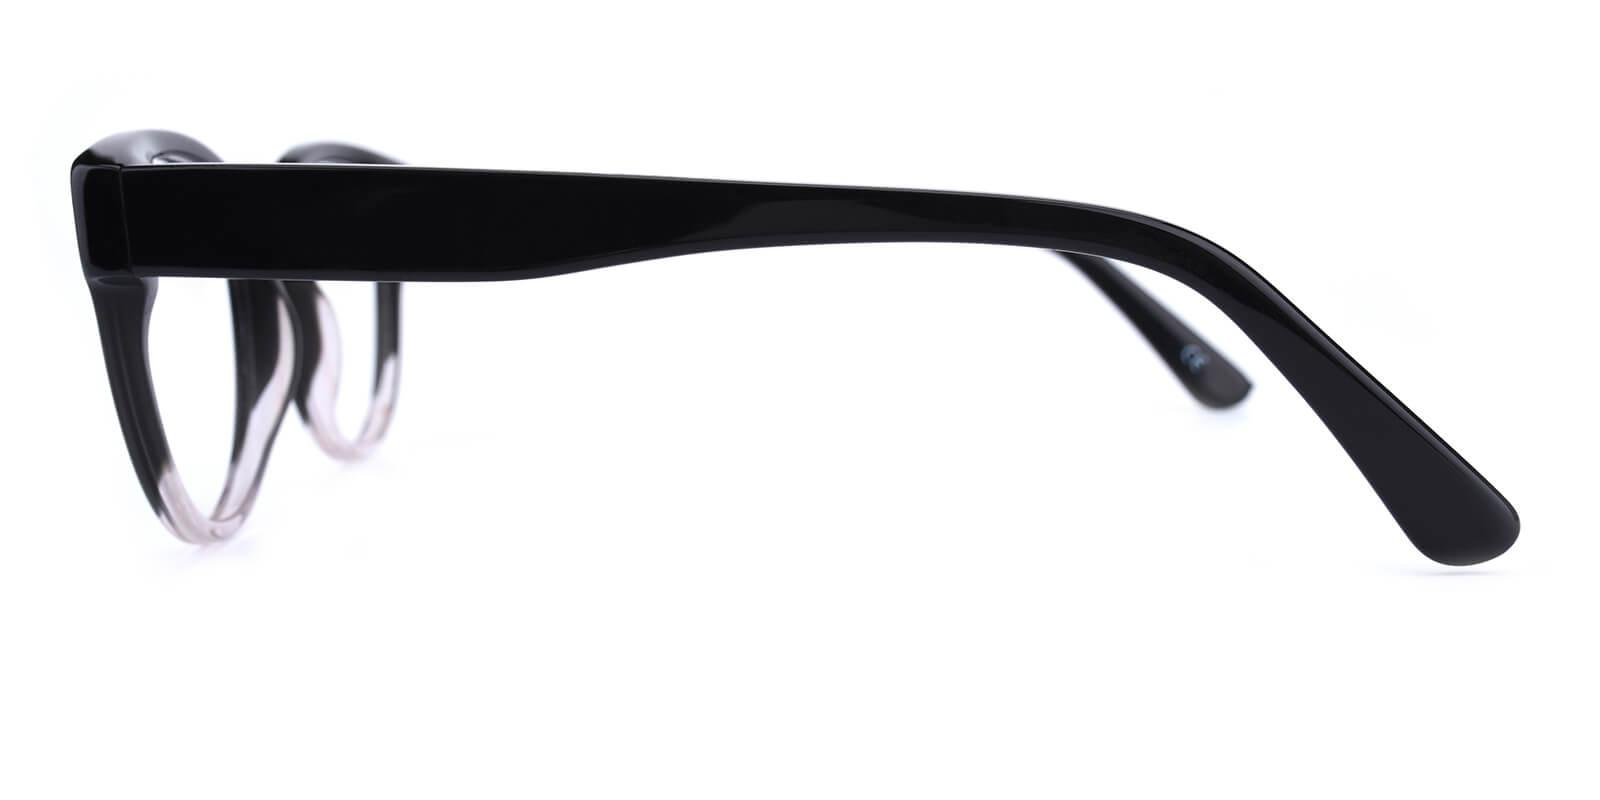 Bringmo-Translucent-Round / Cat-Acetate-Eyeglasses-additional3